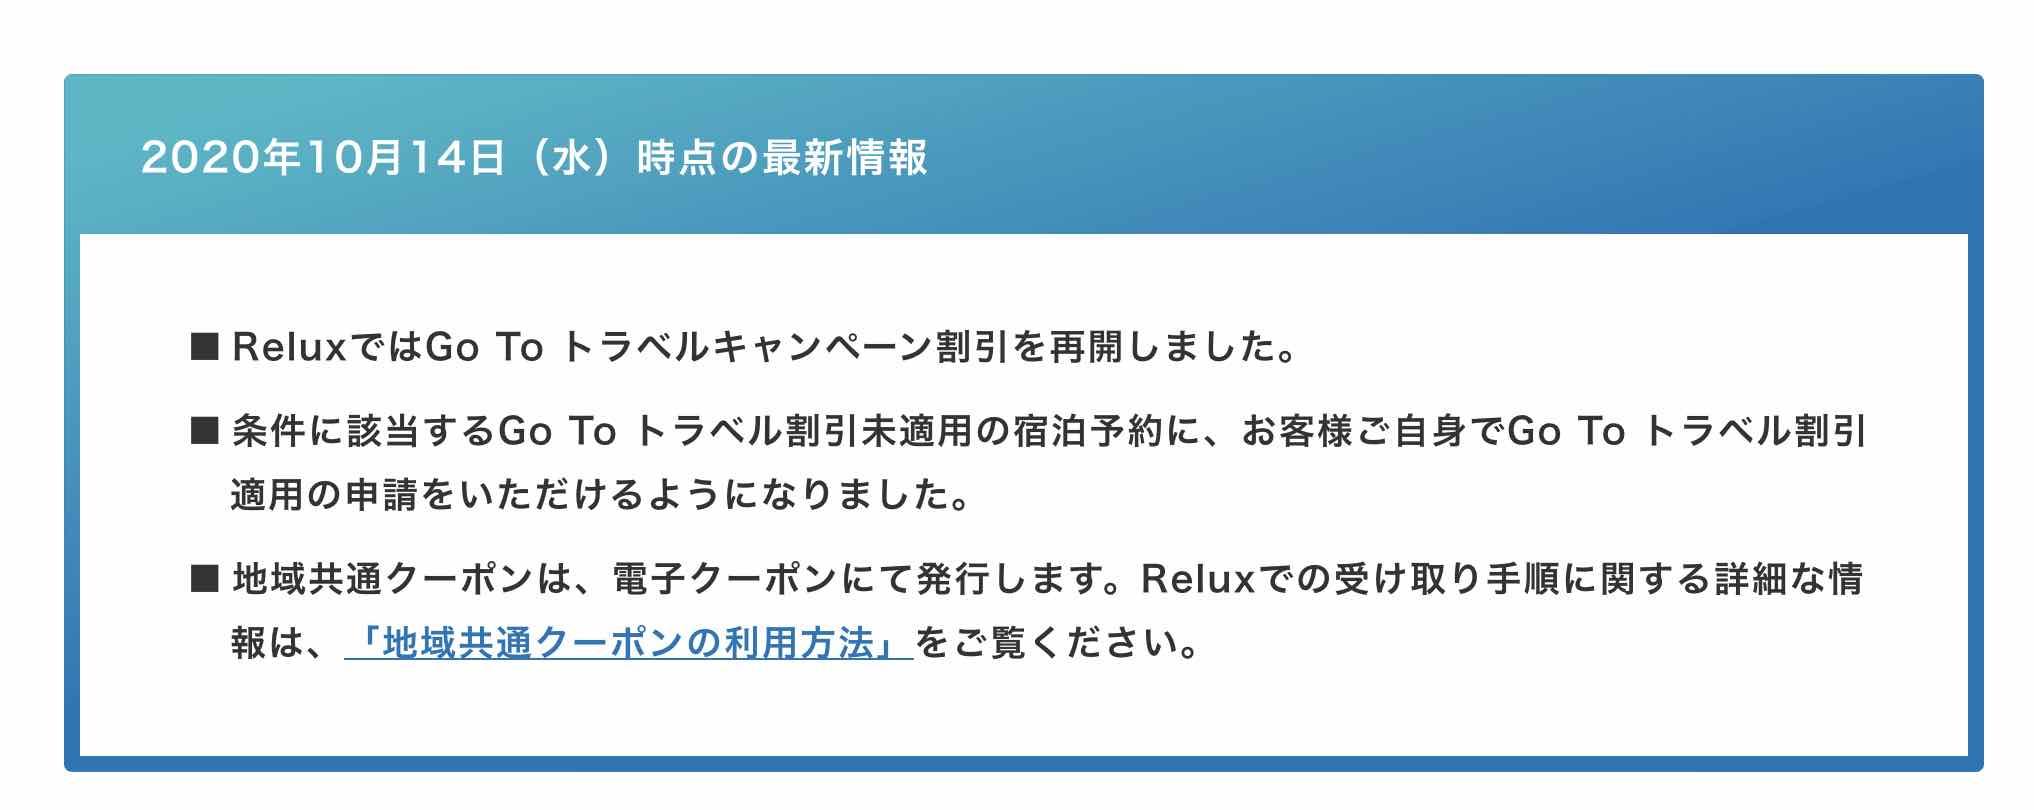 Relux GoToトラベルキャンペーン再開